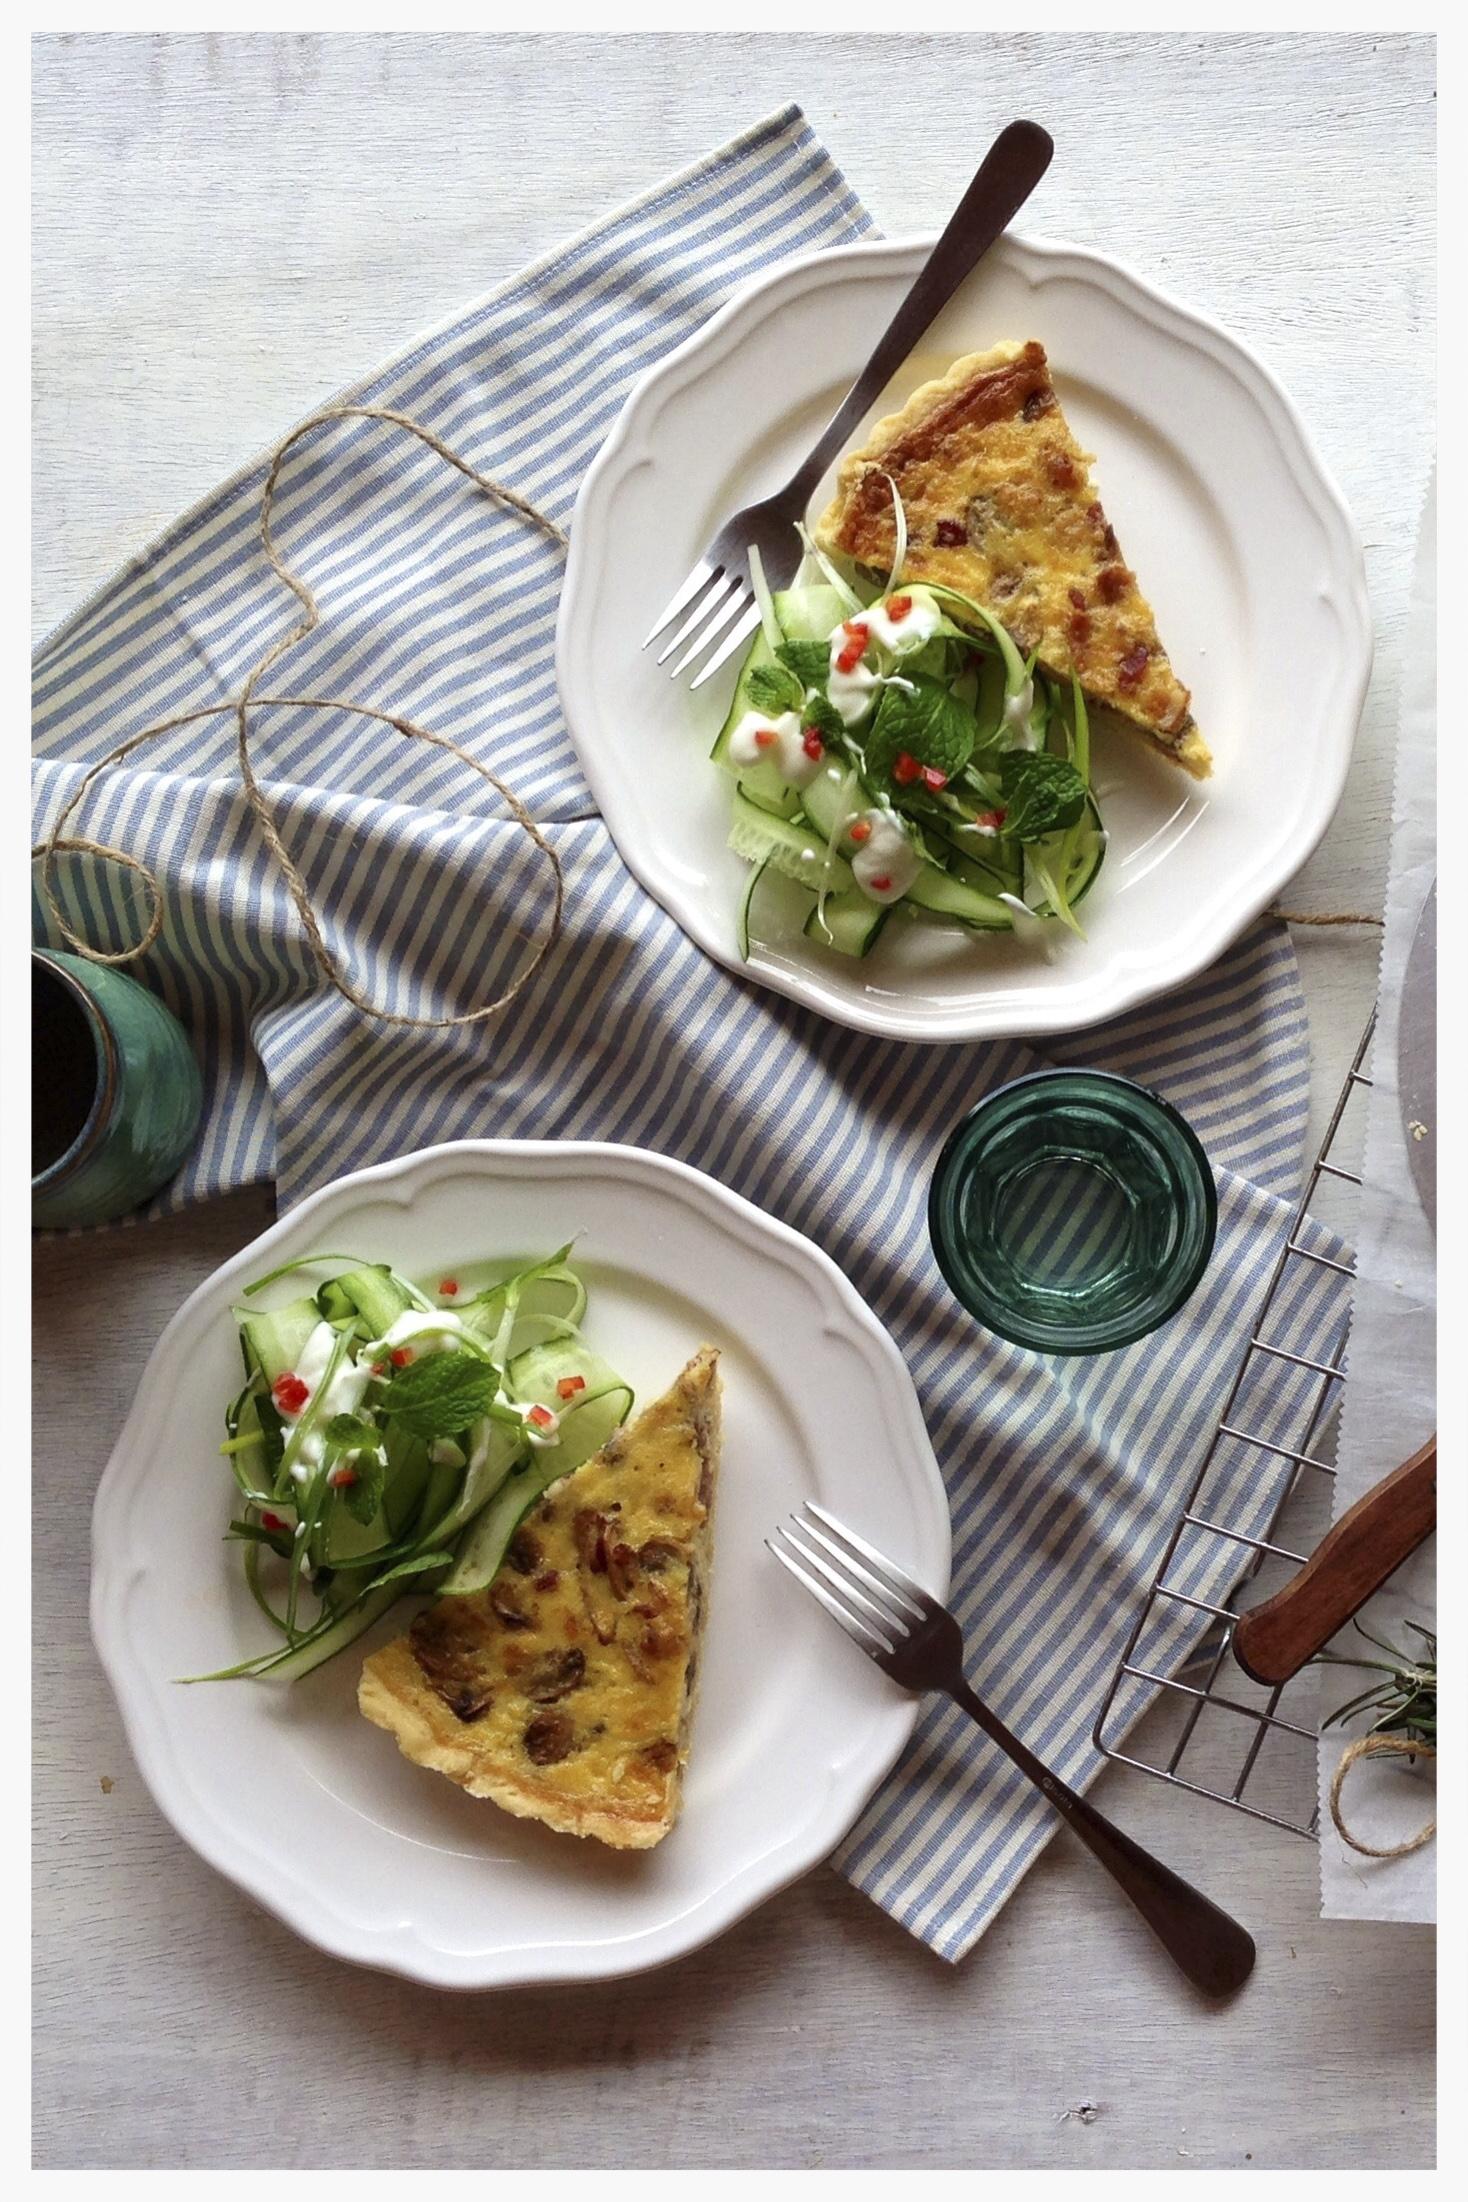 Quiche-Dining-in.jpg